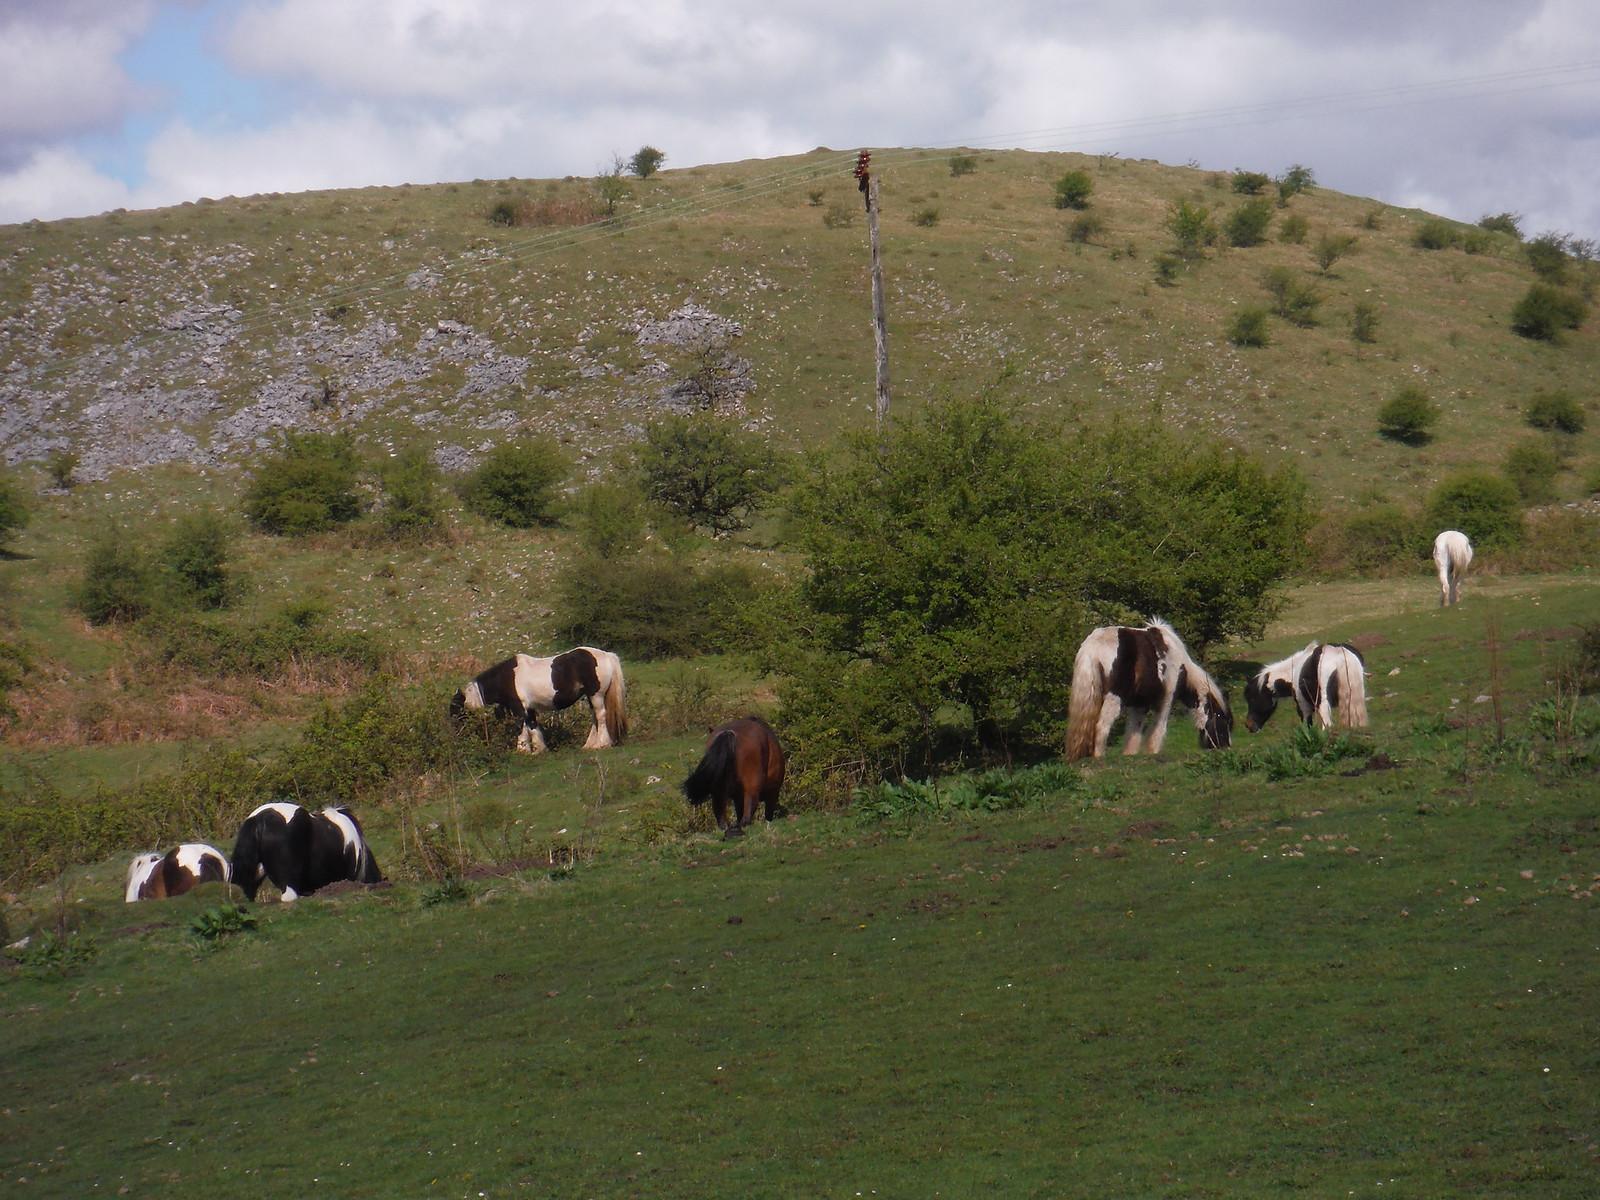 Hill Ponies, Allt Rhongyr SWC Walk 307 - Fforest Fawr Traverse (Craig y Nos to Llwyn-y-celyn)